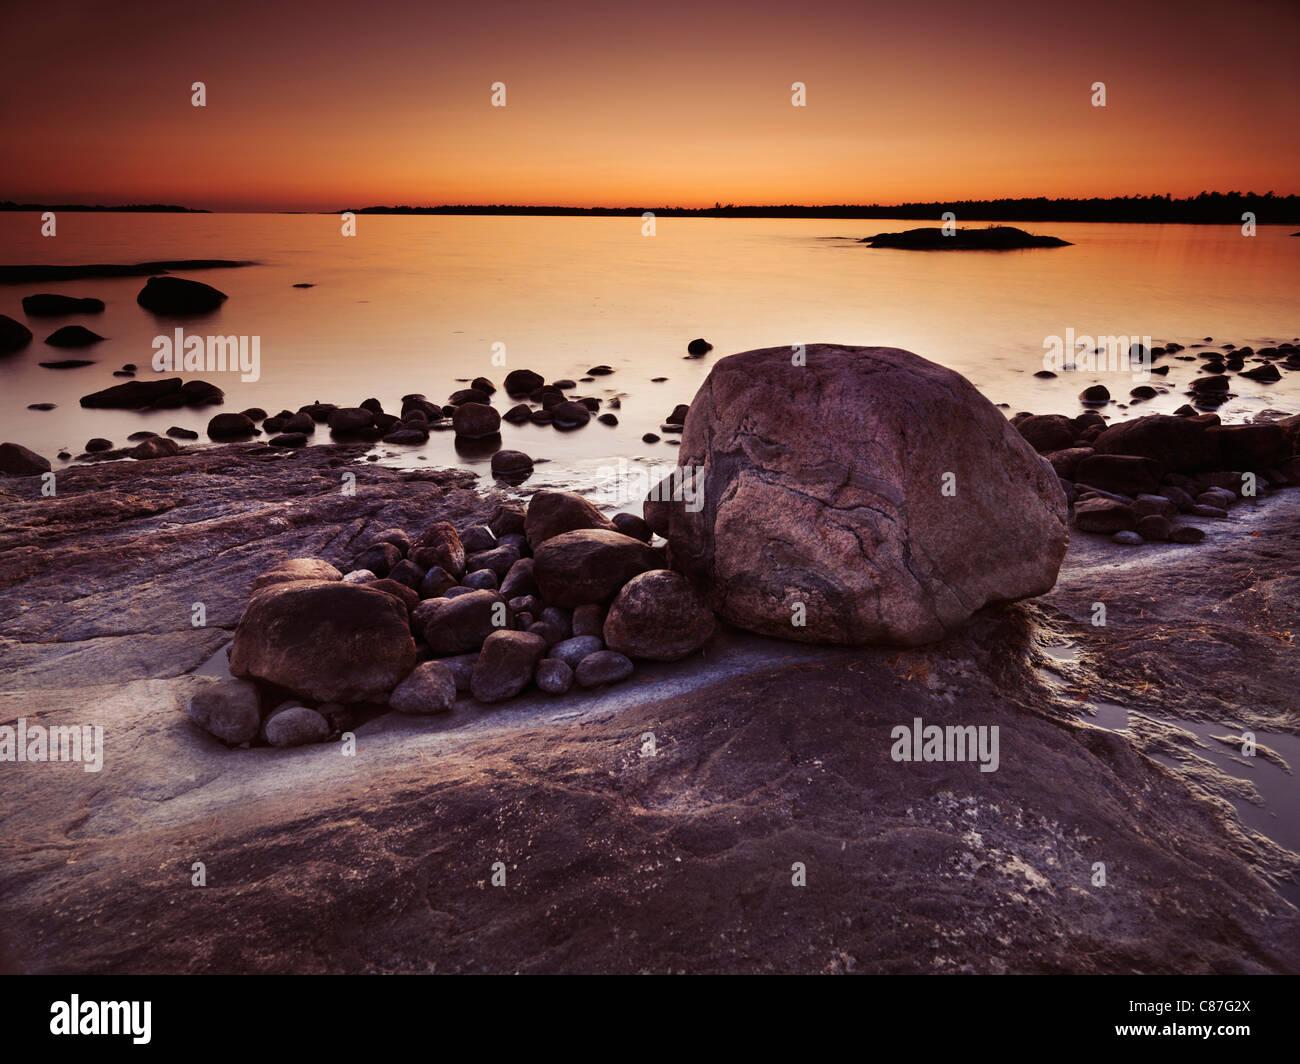 Schöne Dämmerung Landschaft der Felsen auf einem Ufer Georgian Bay, Muskoka, Ontario, Kanada Stockbild